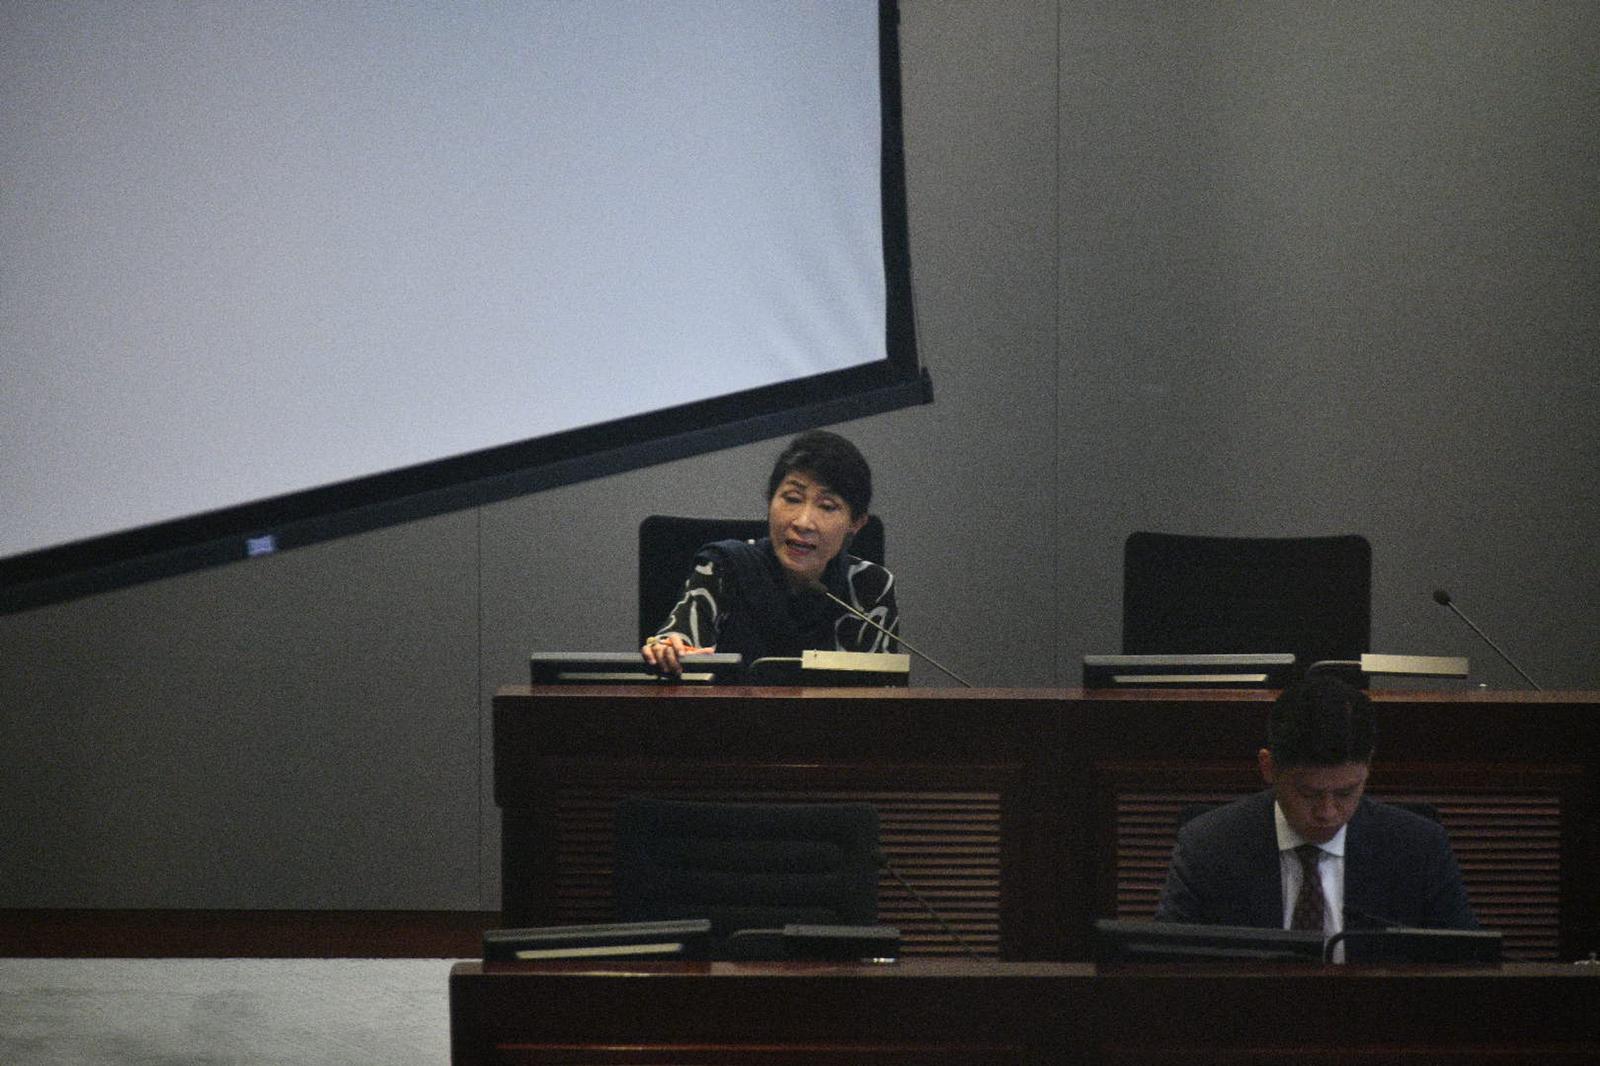 毛孟靜批評黃定光言論誣衊新聞界